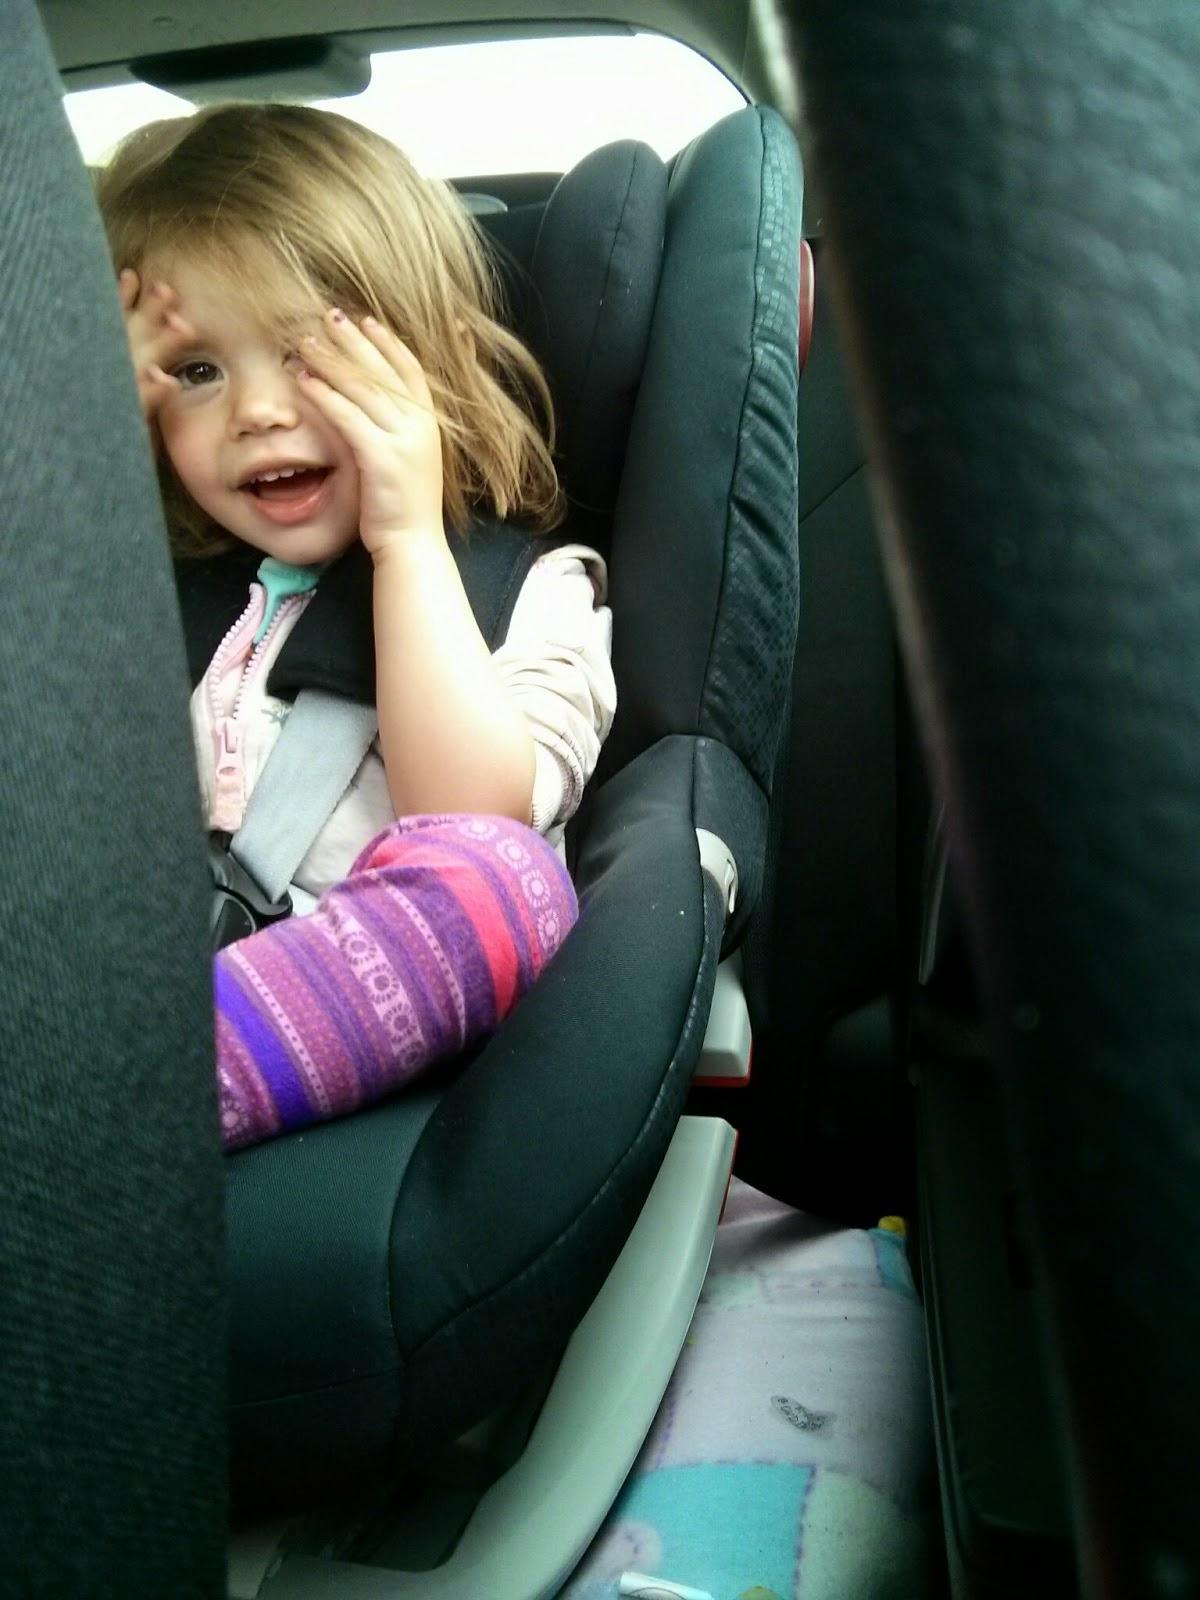 Peekaboo in car seat